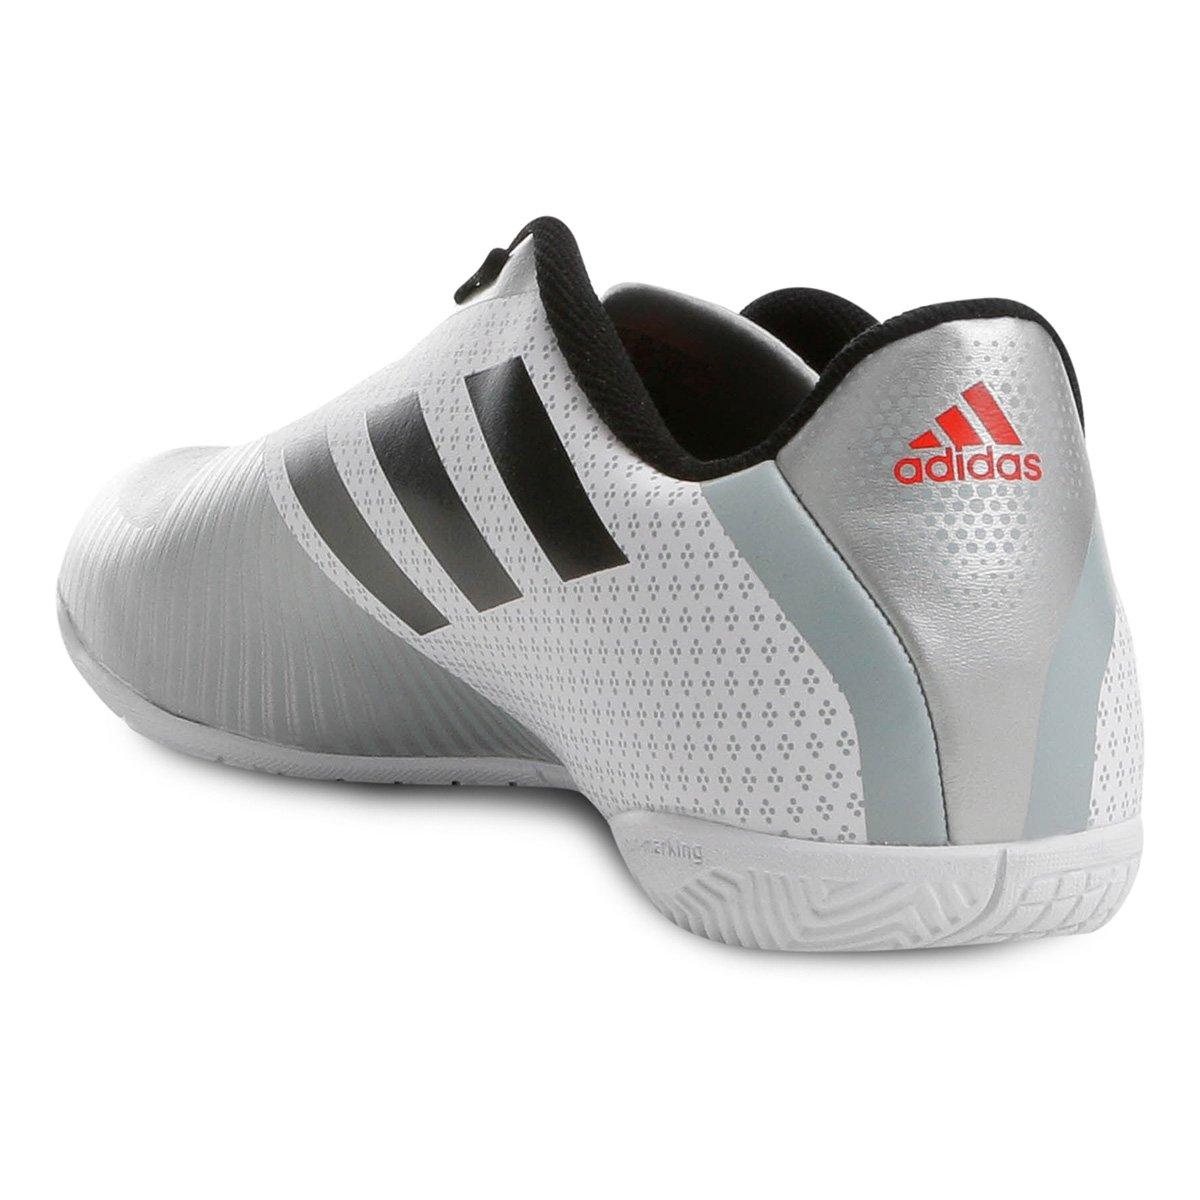 d8ec6bed5a Chuteira Futsal Adidas Artilheira 18 IN - Branco e Preto - Compre ...